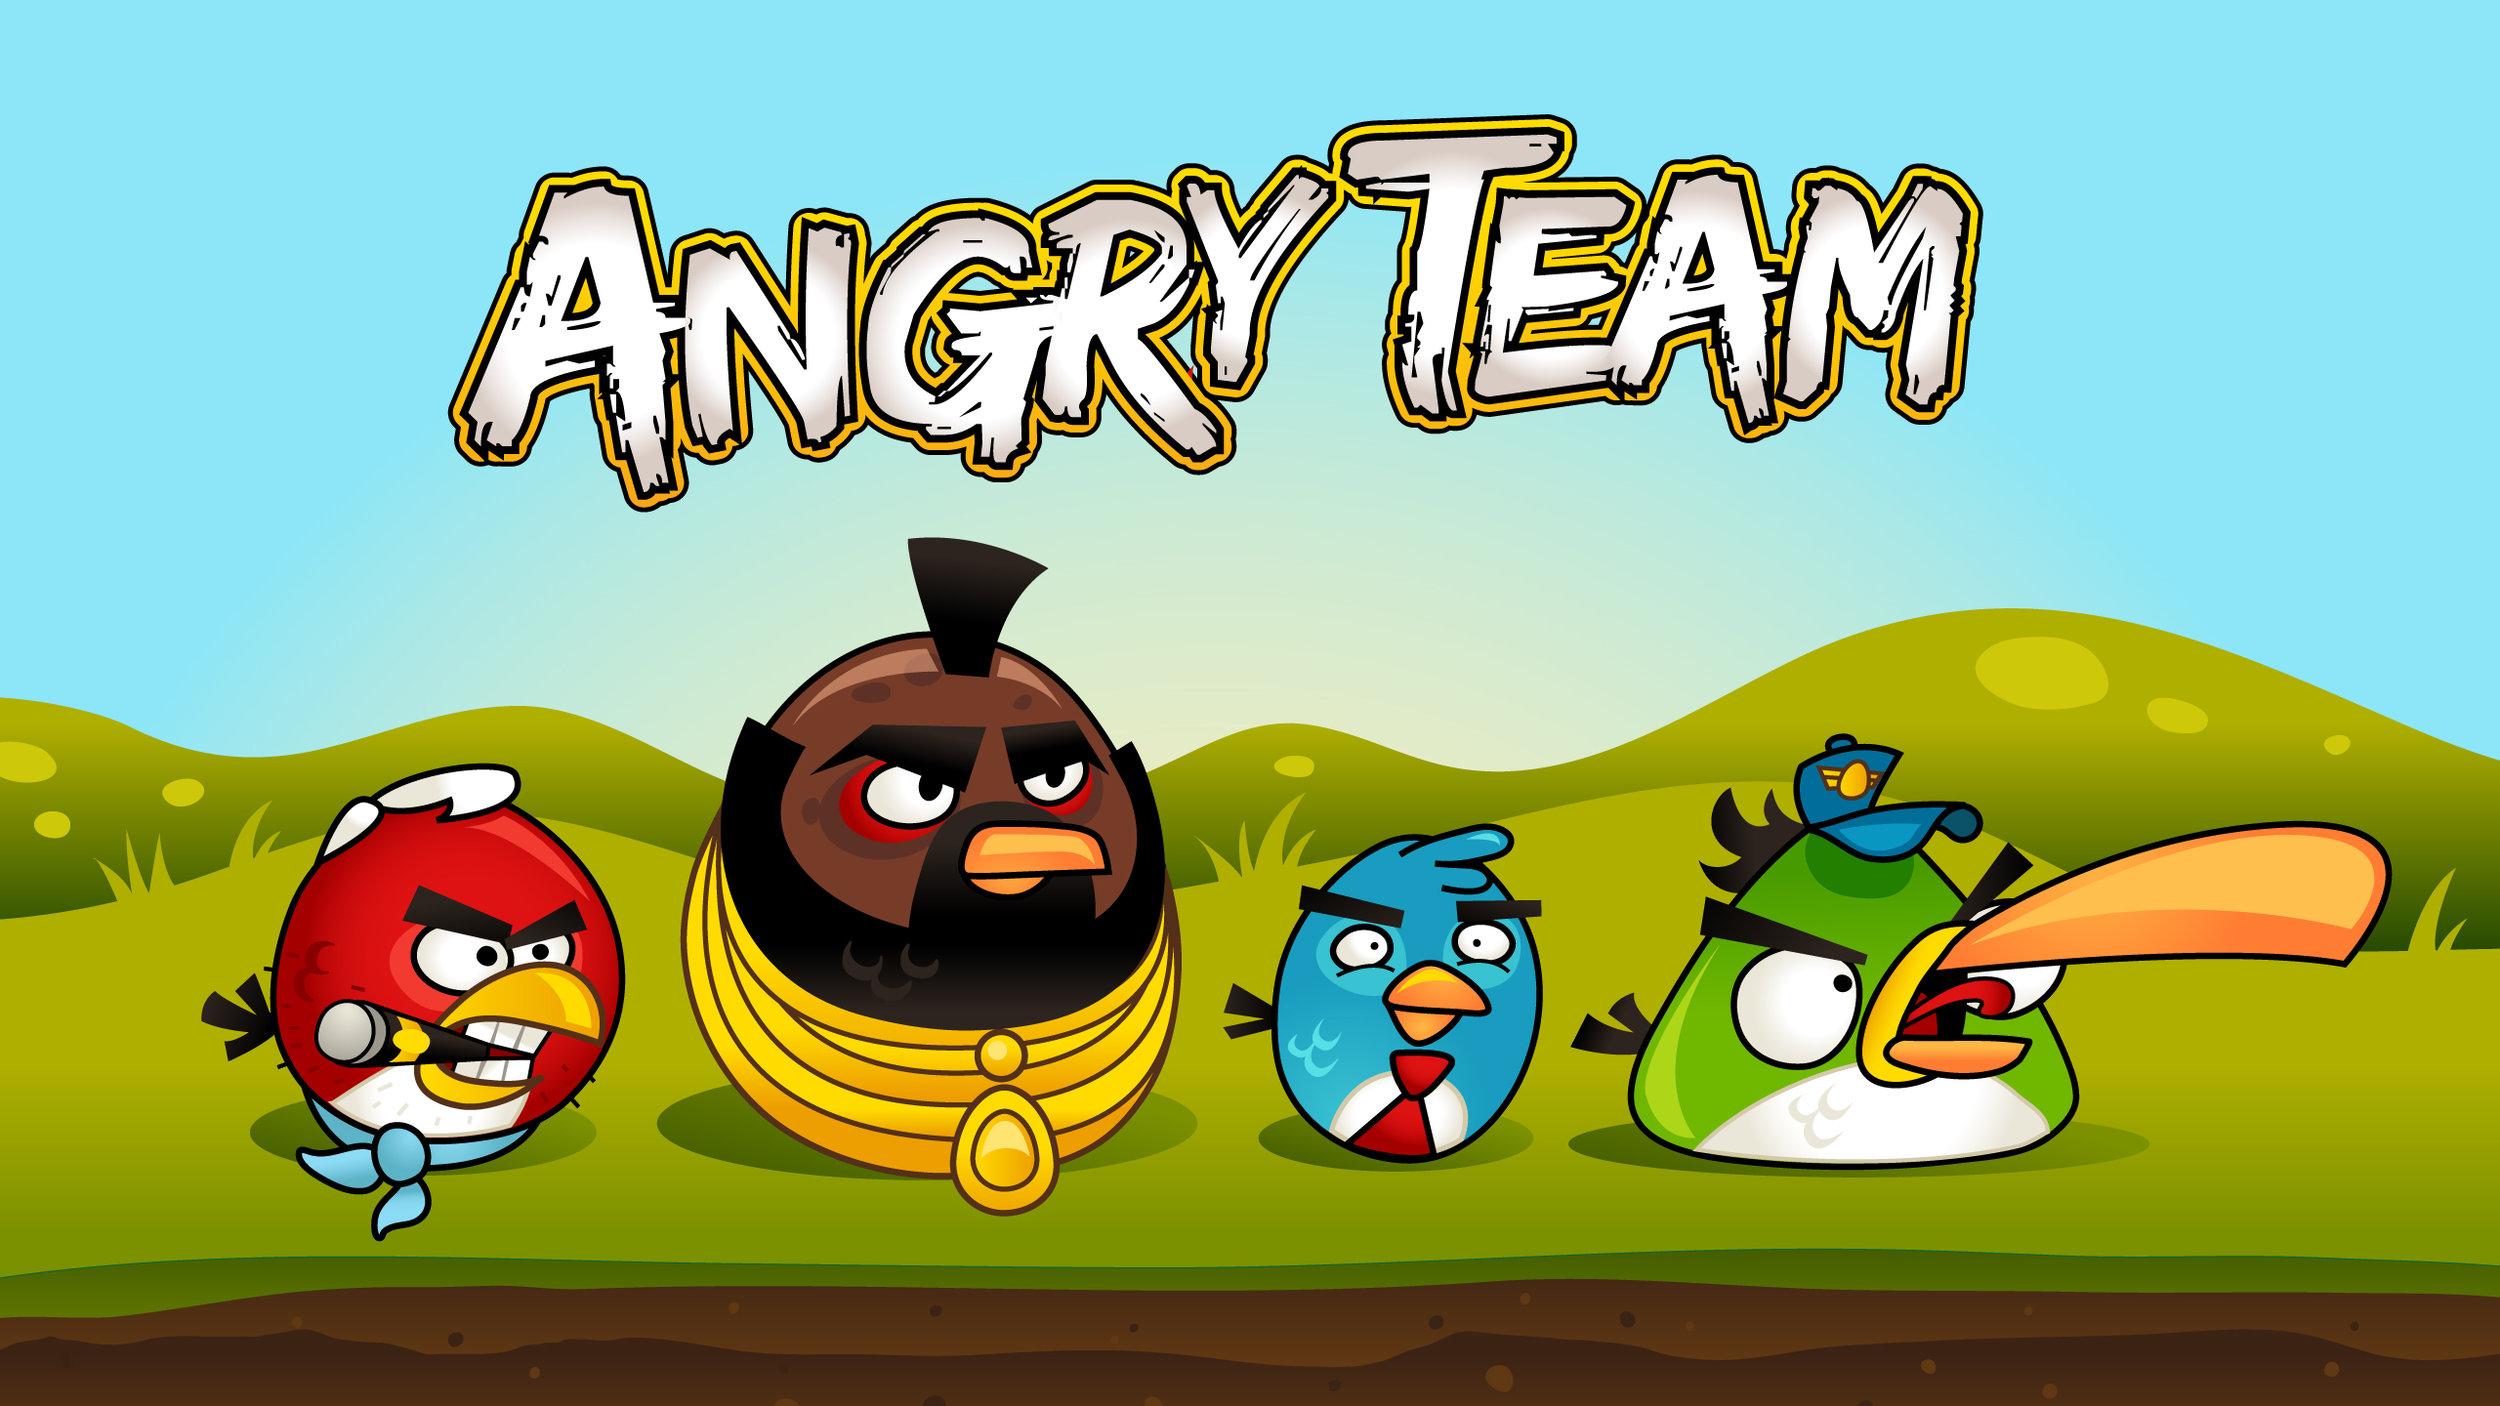 AngryTeam_Desktop-02.jpg